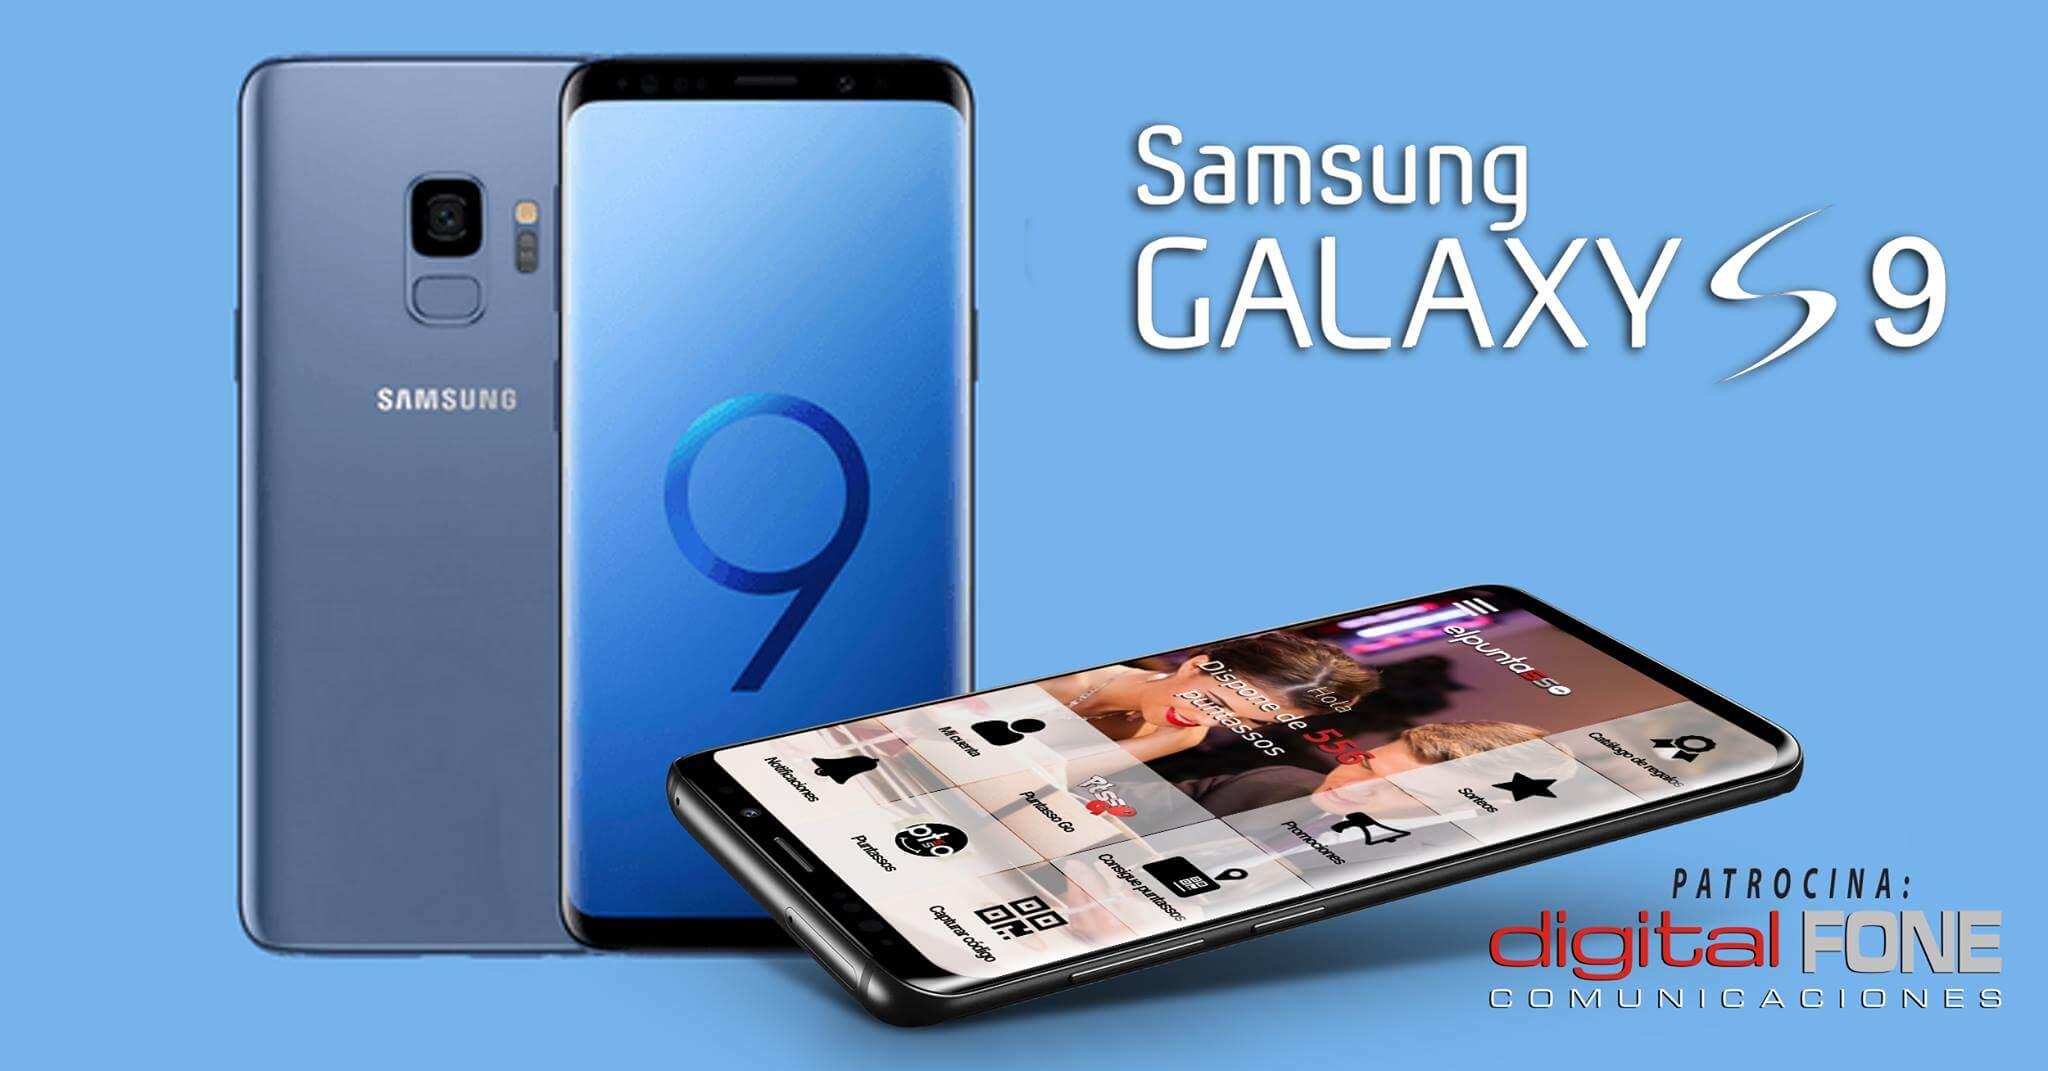 ¡Renueva GRATIS tu móvil con este SAMSUNG GALAXY S9!